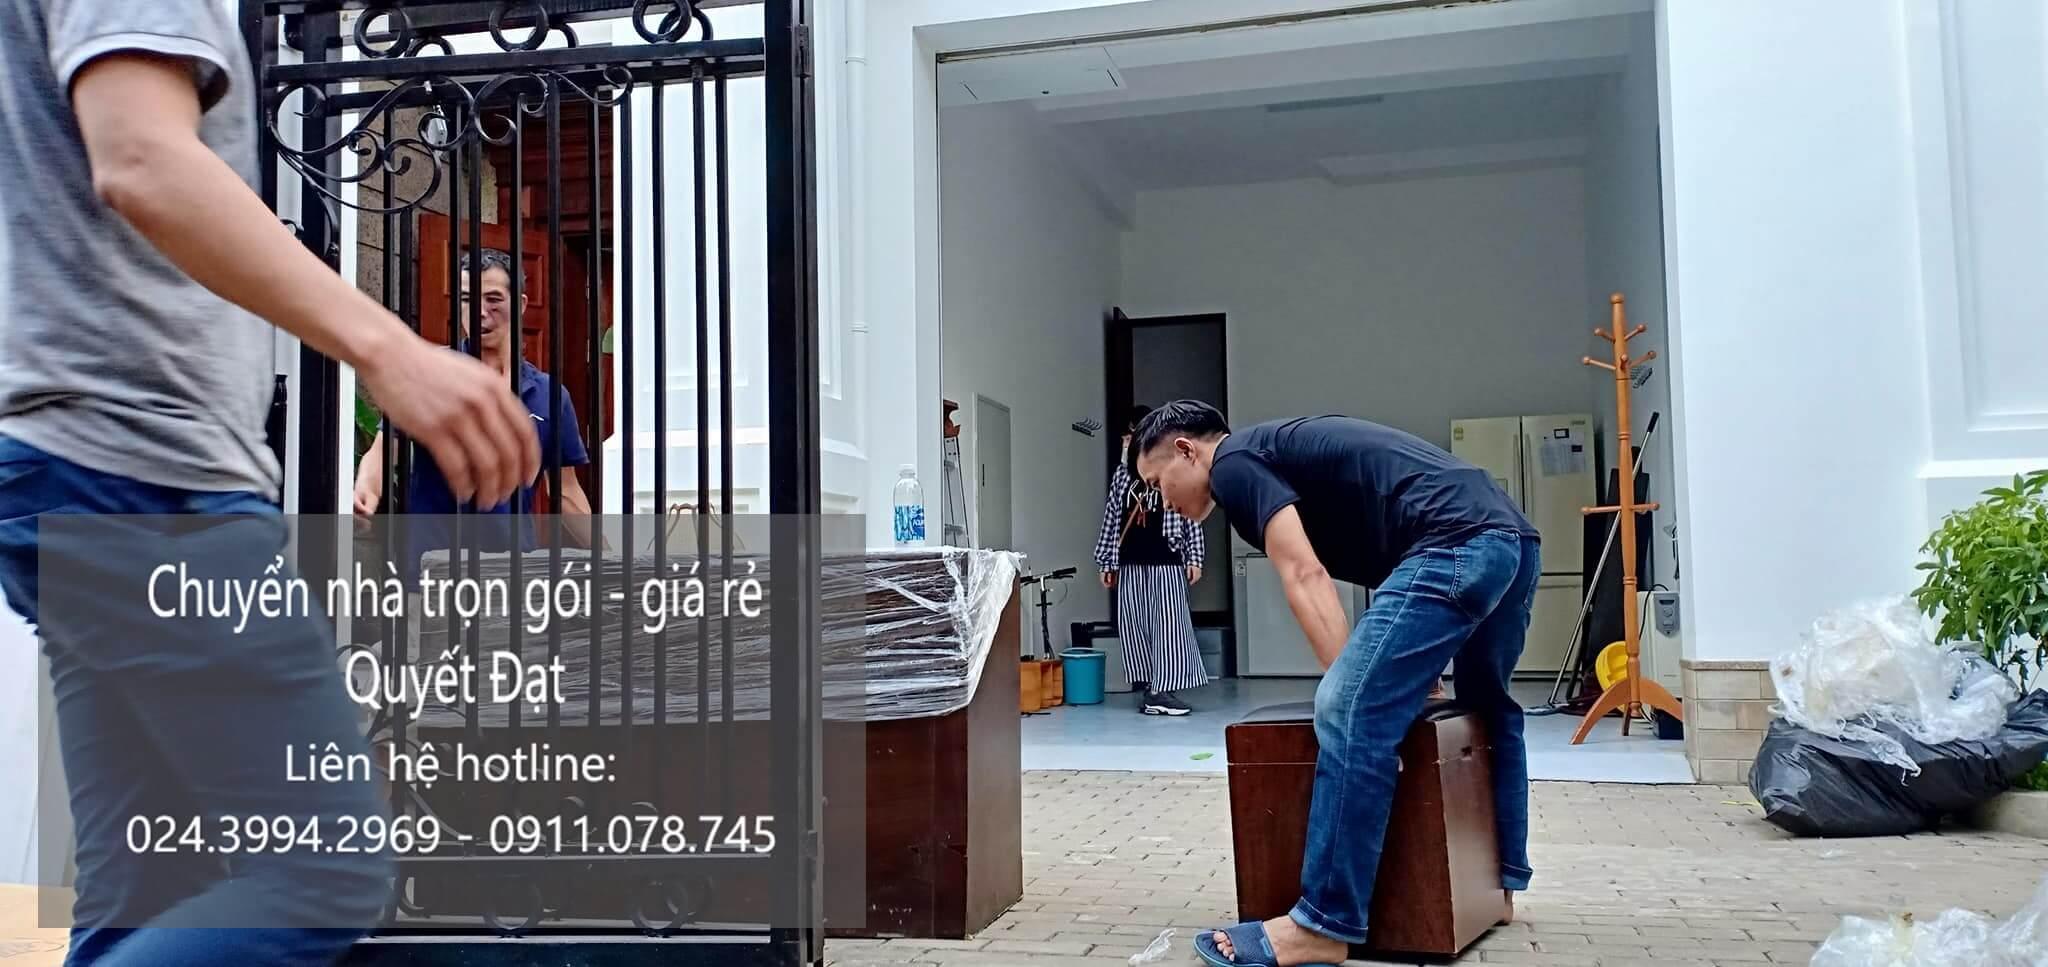 Dịch vụ chuyển nhà Quyết Đạt tại xã Tiến Xuân